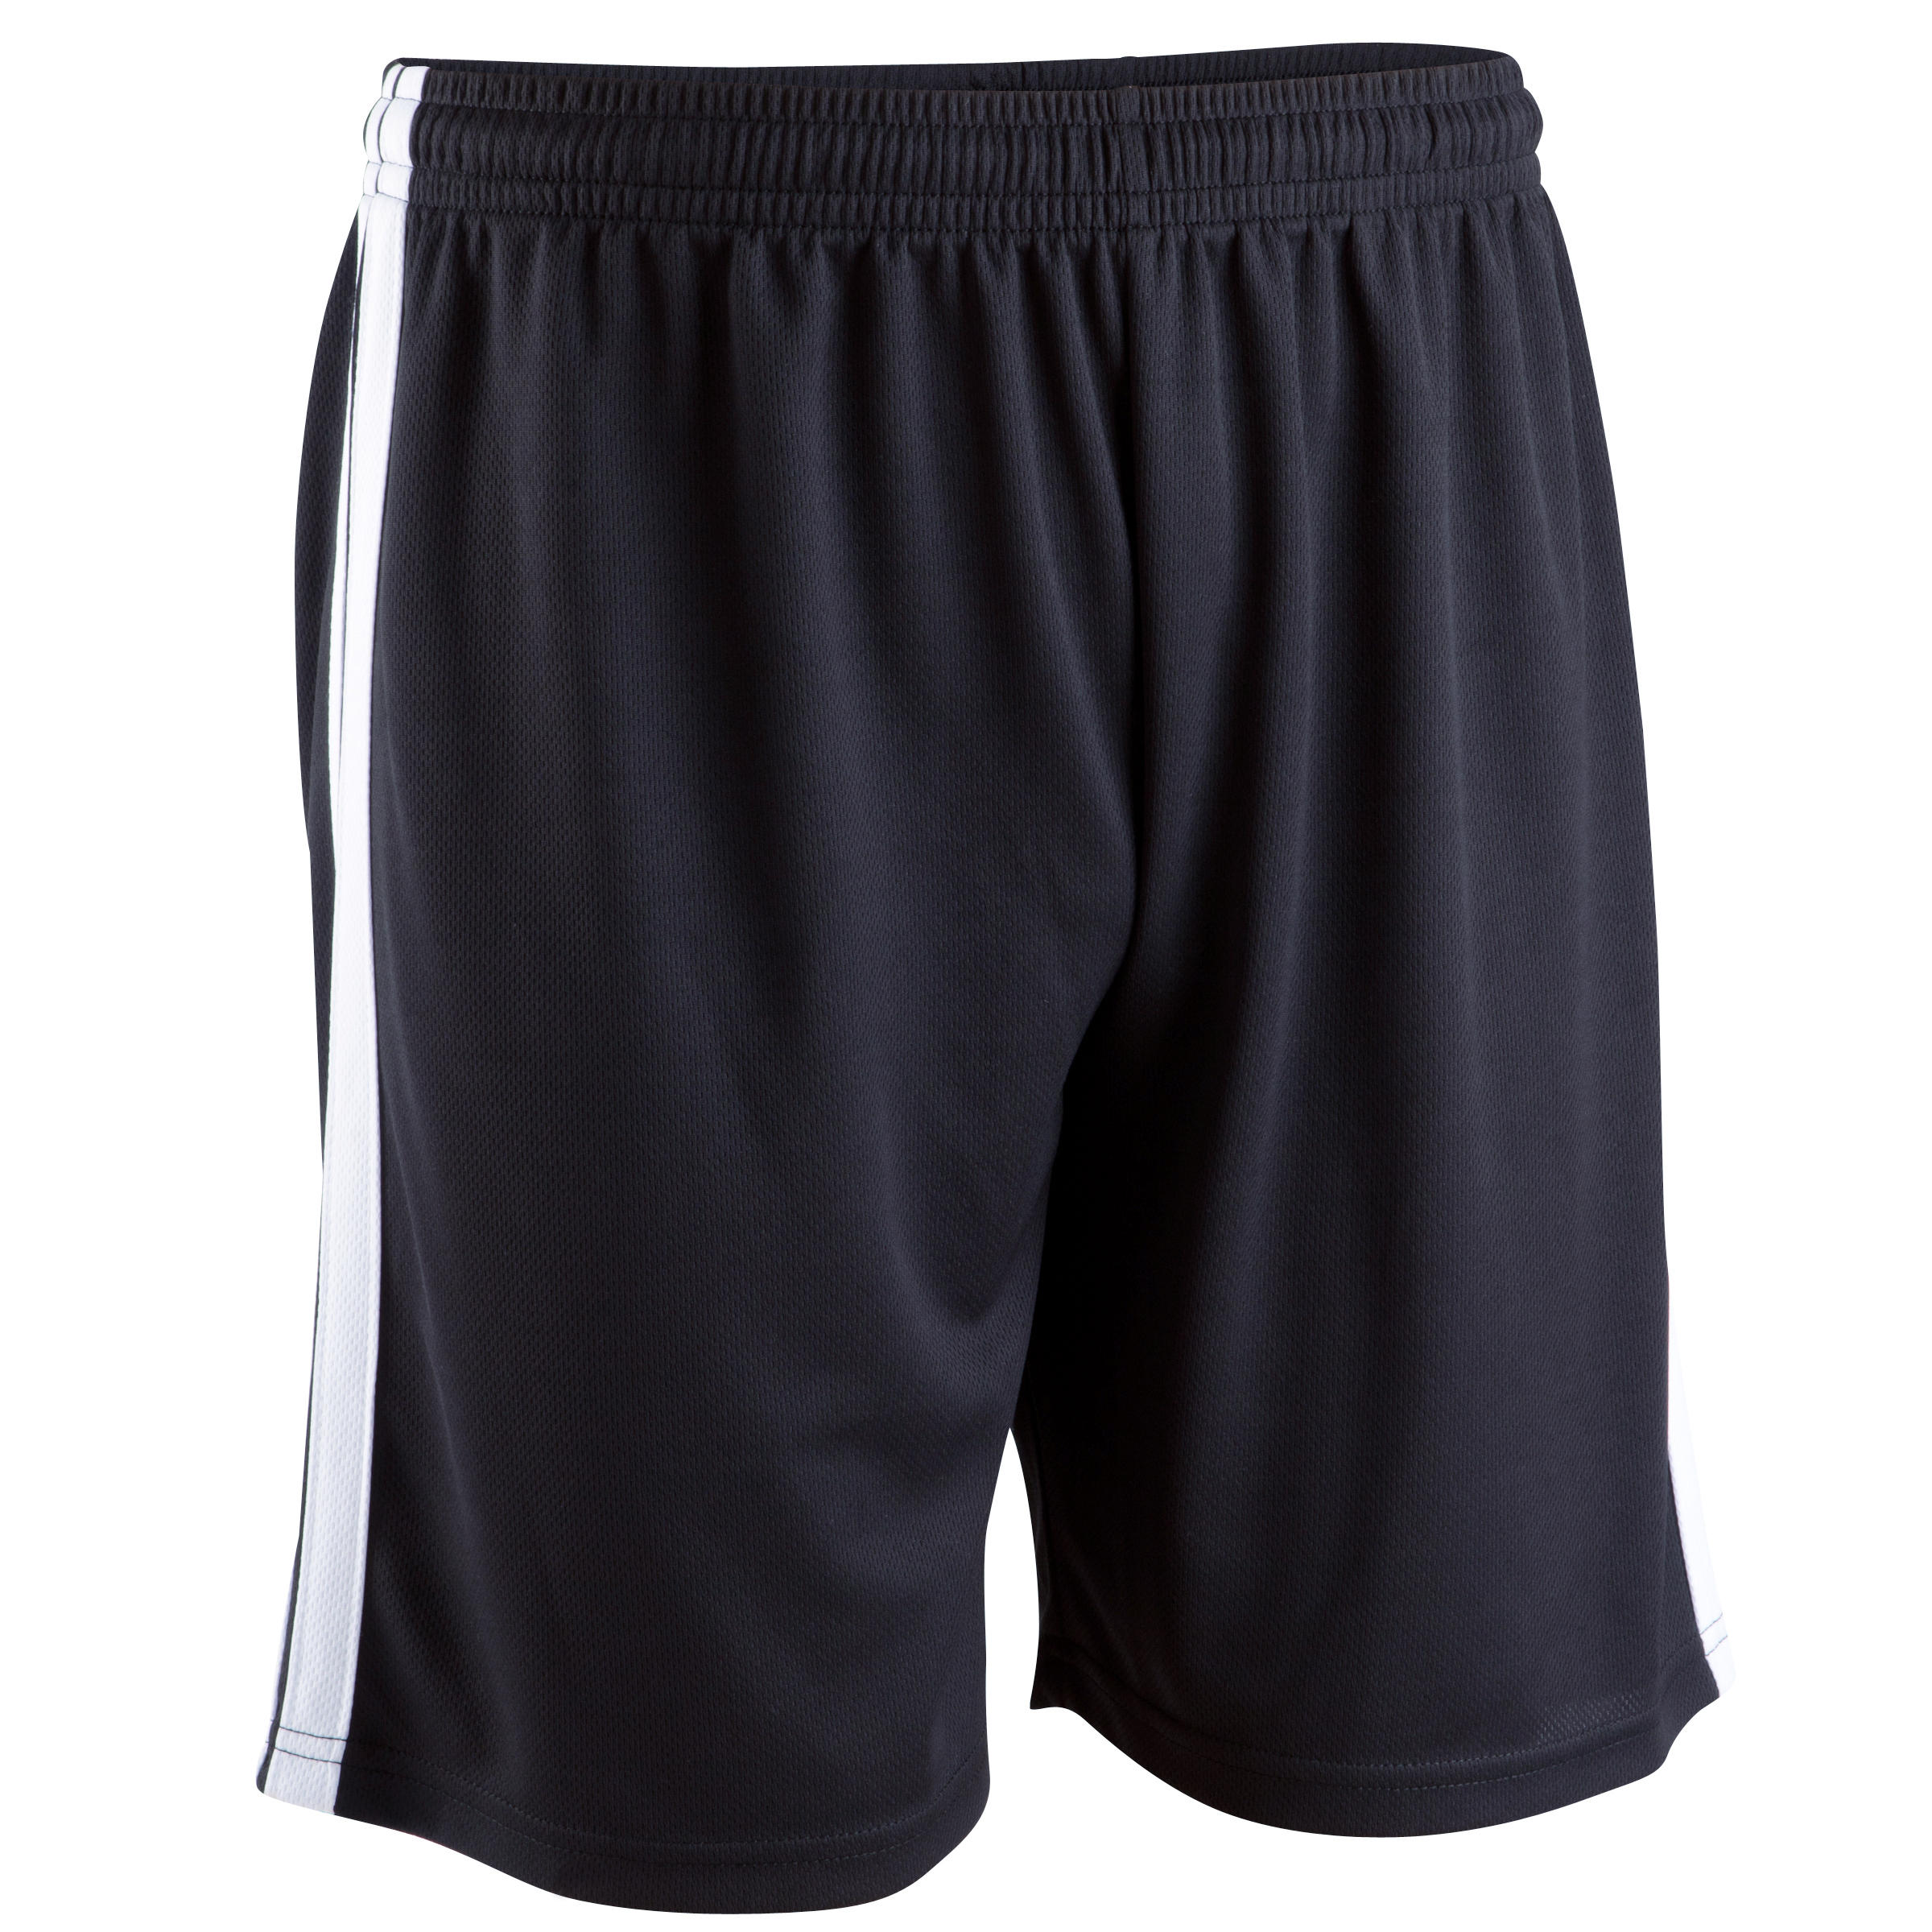 Asics Volleybalbroekje heren zwart